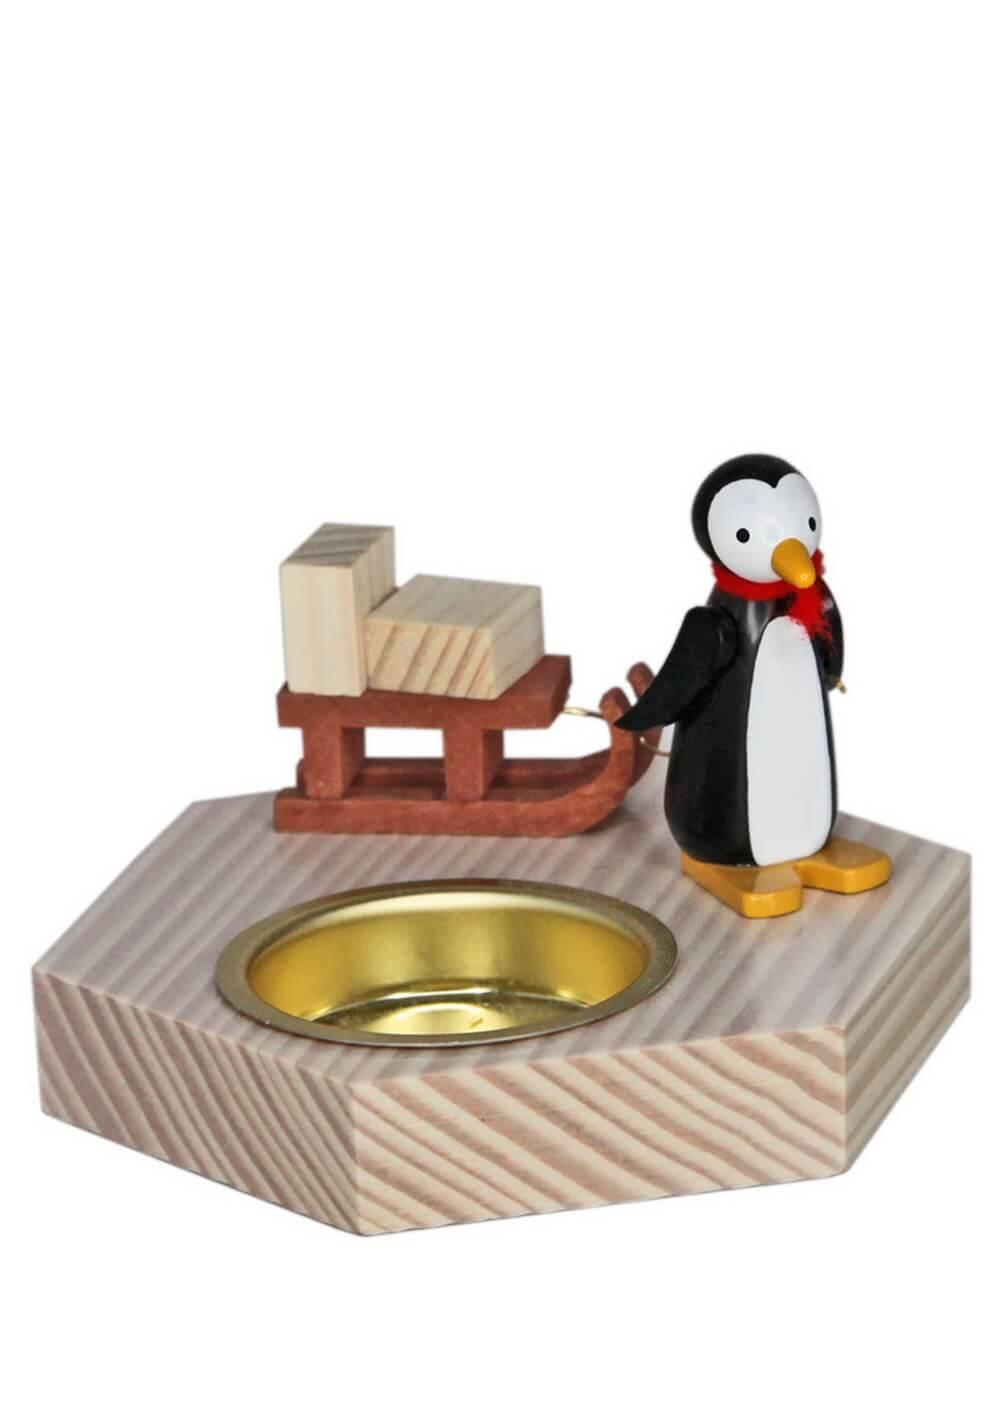 Teelichthalter Pinguin mit Schlitten, 6 cm von Volker Zenker aus Seiffen